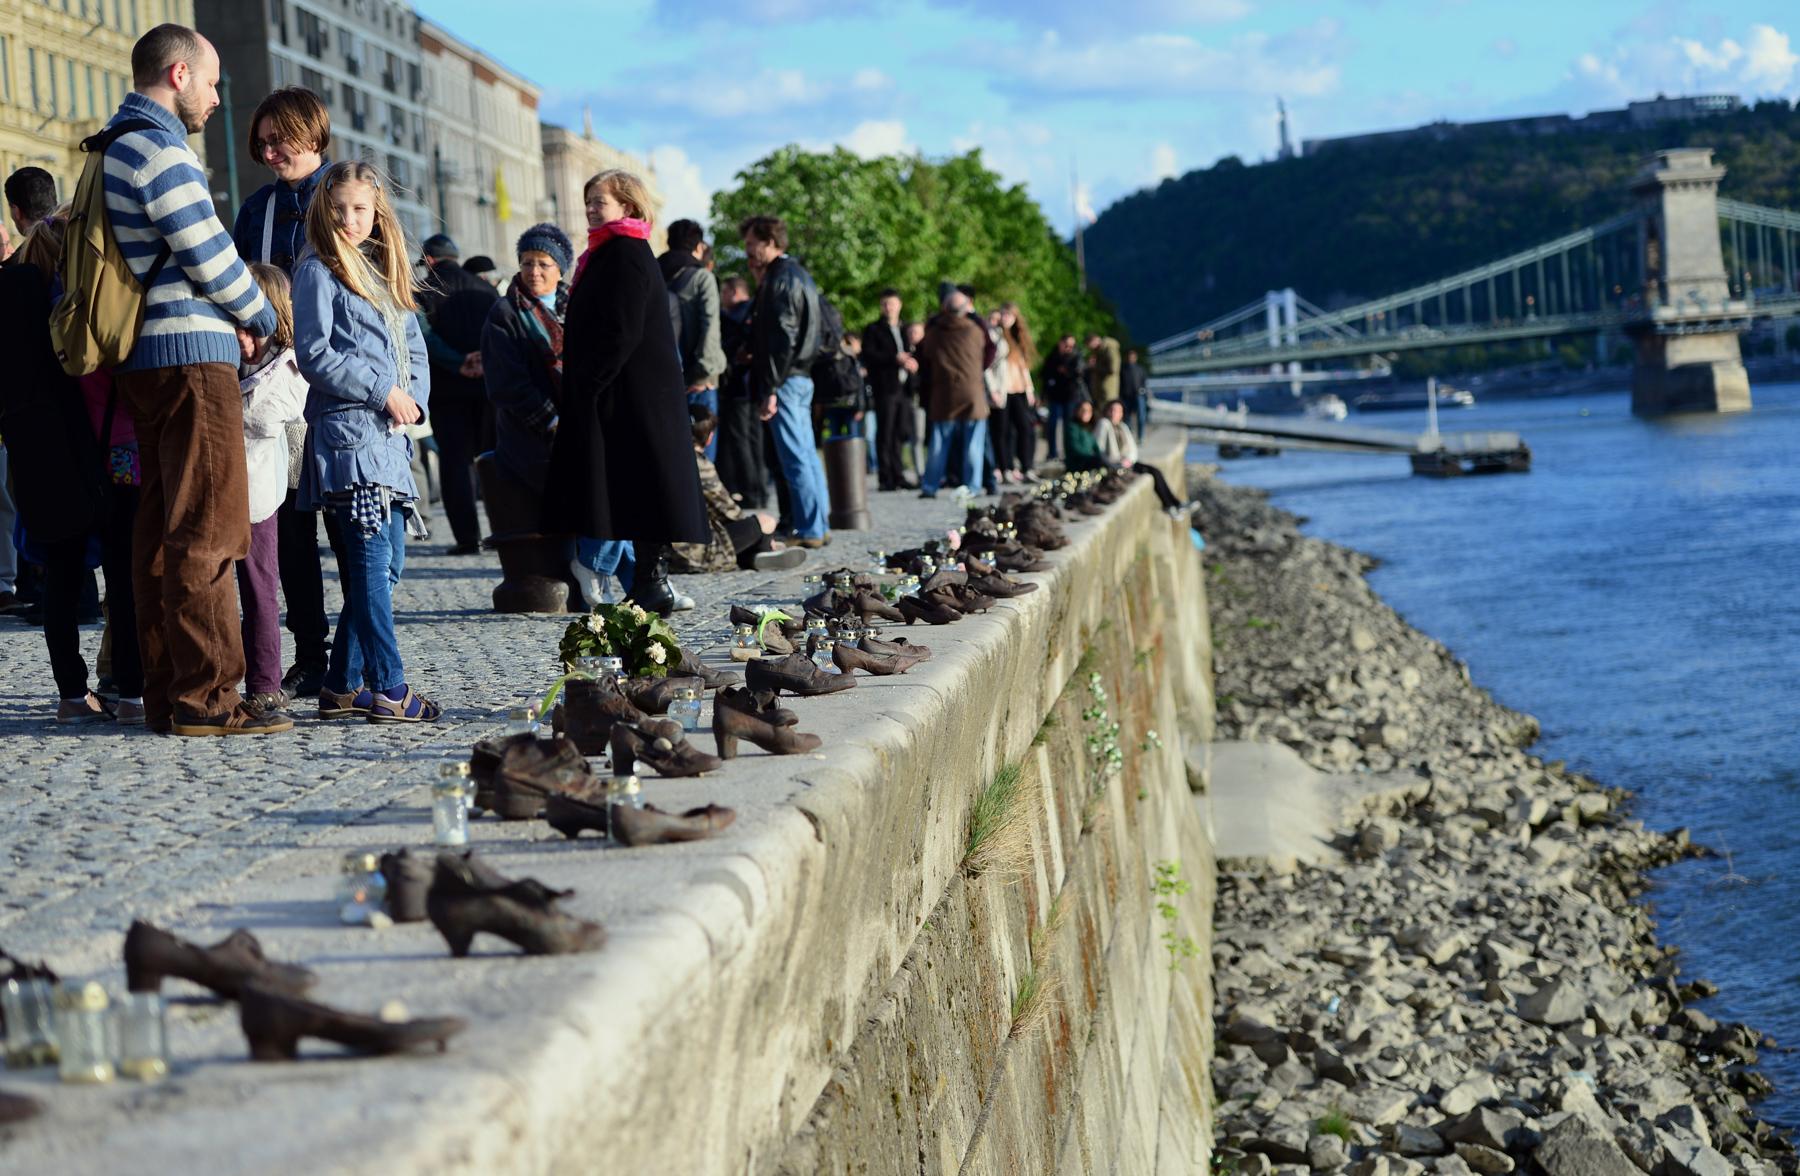 Des sculptures de chaussures sur les rives d'un fleuve (© Attila Kisbenedek/AFP/Getty Images)